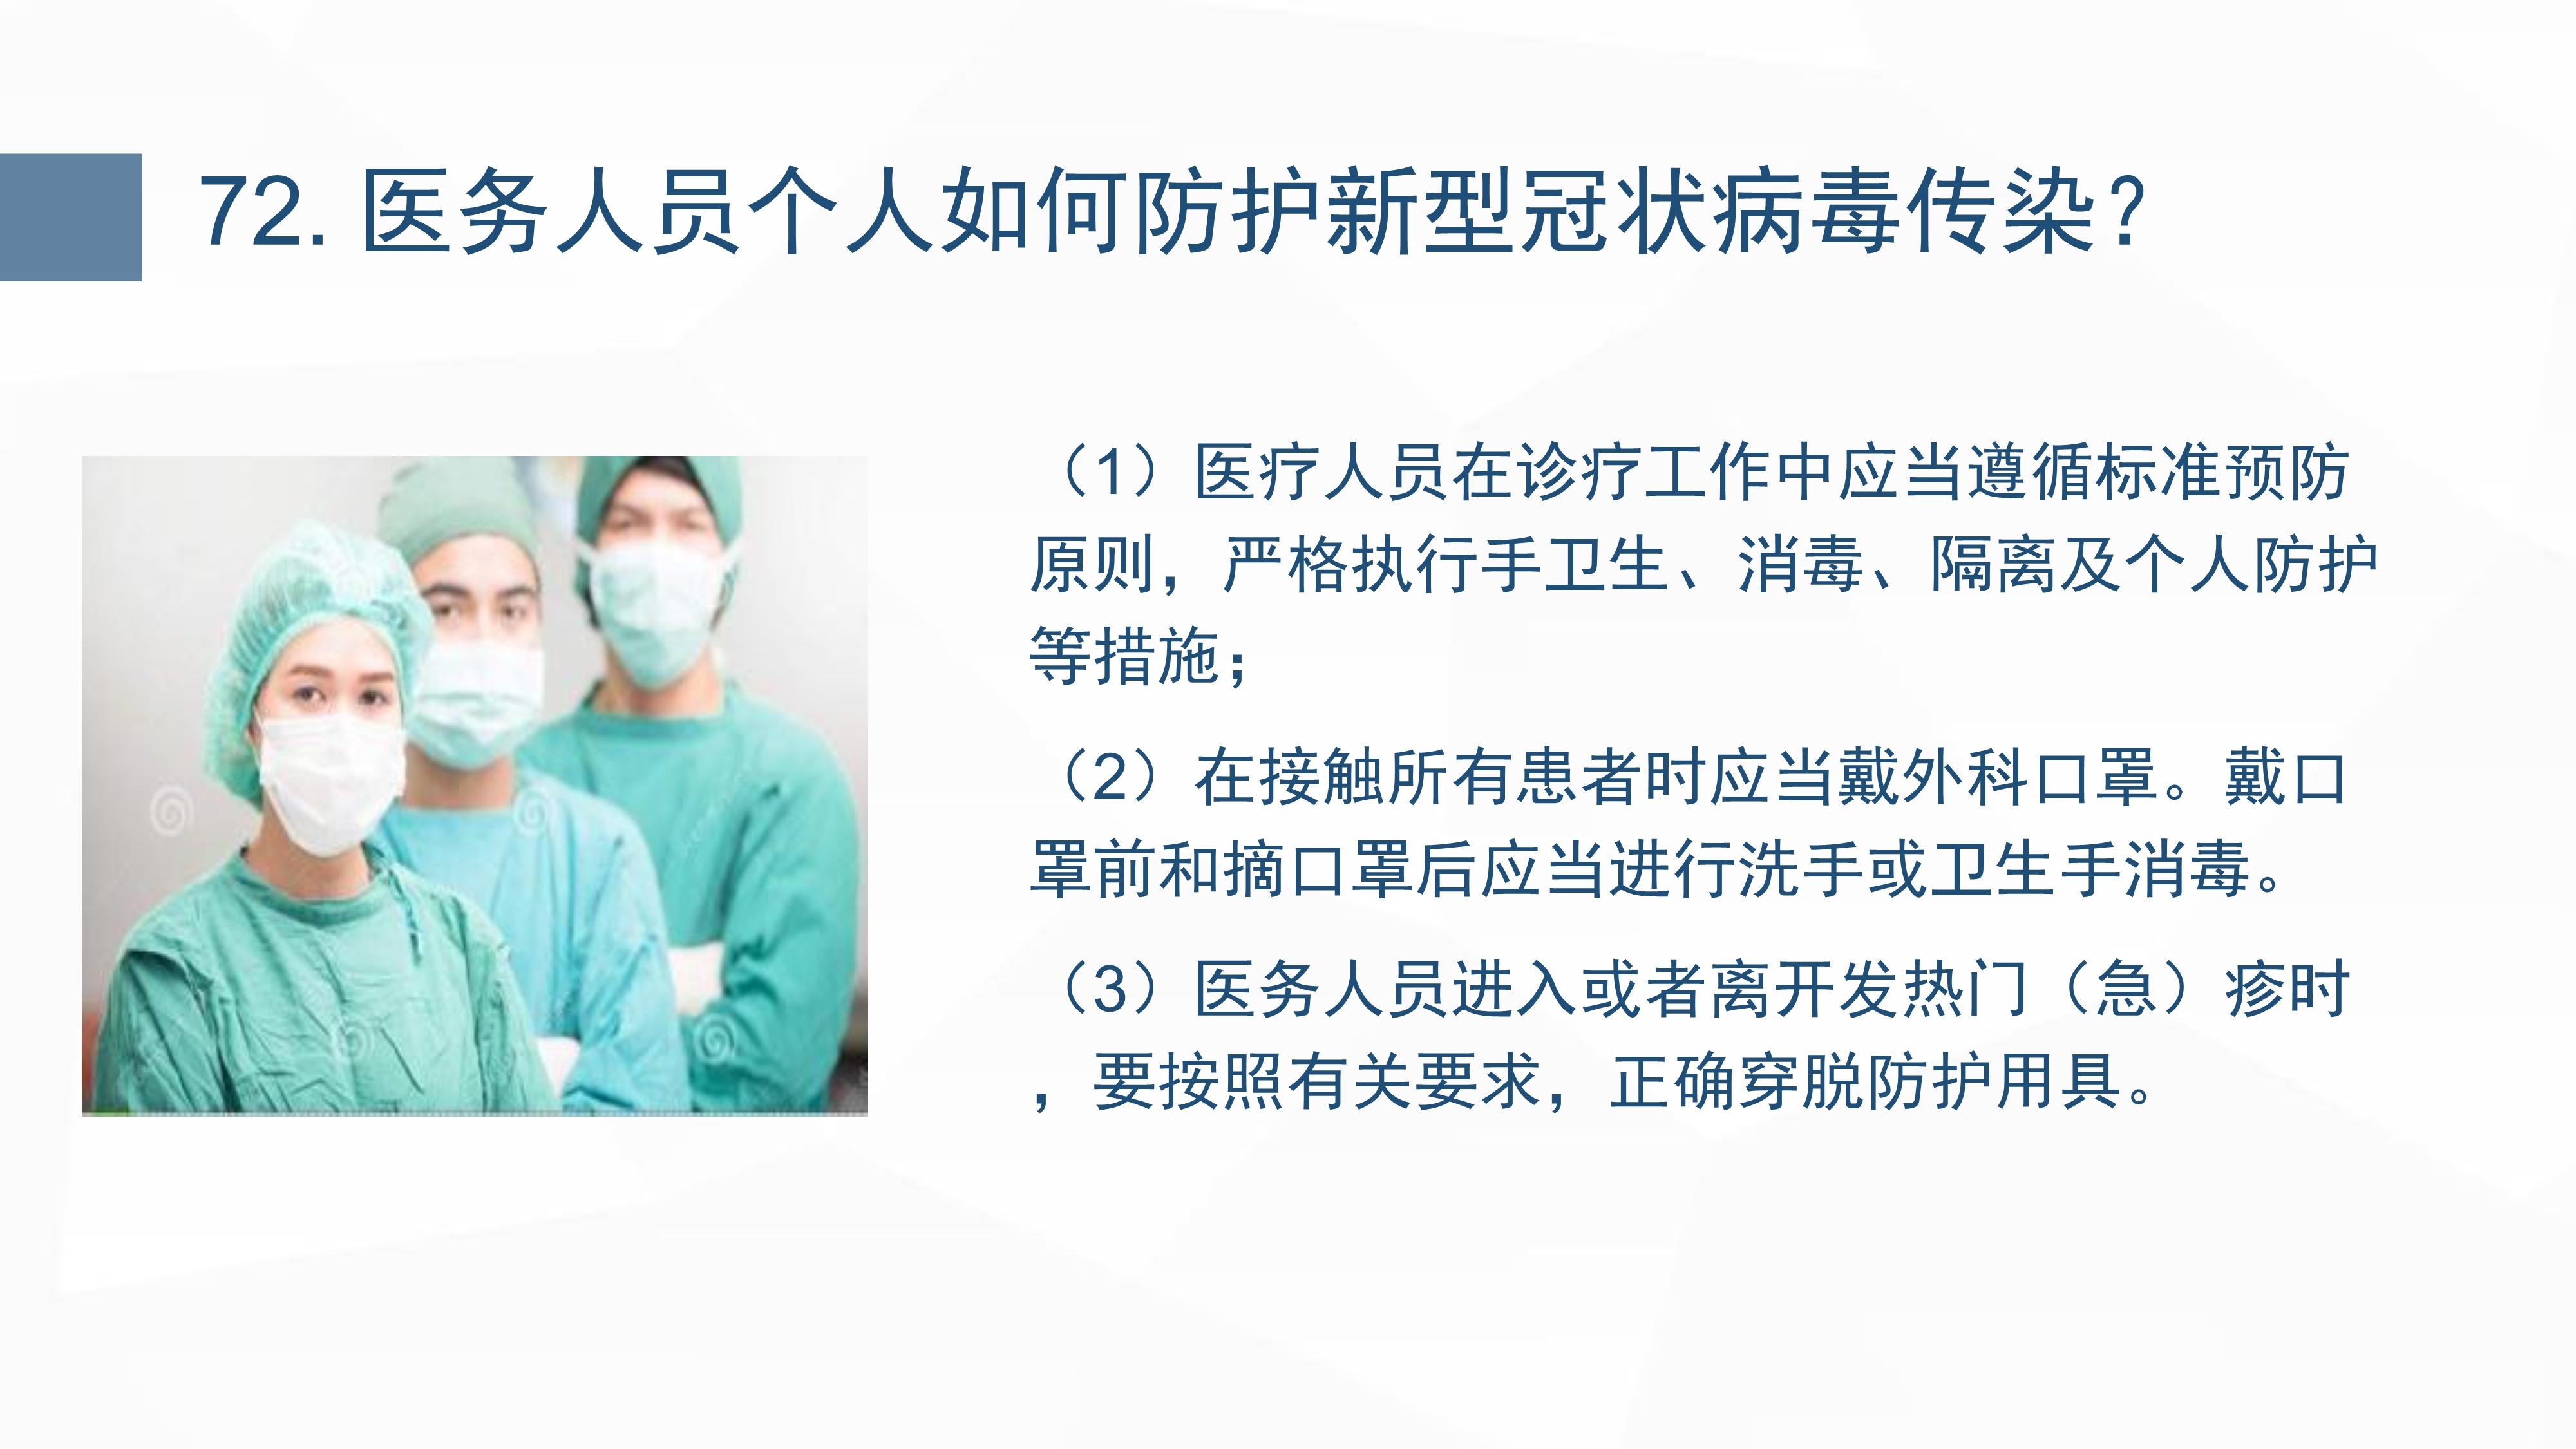 新型冠状病毒肺炎预防手册_79